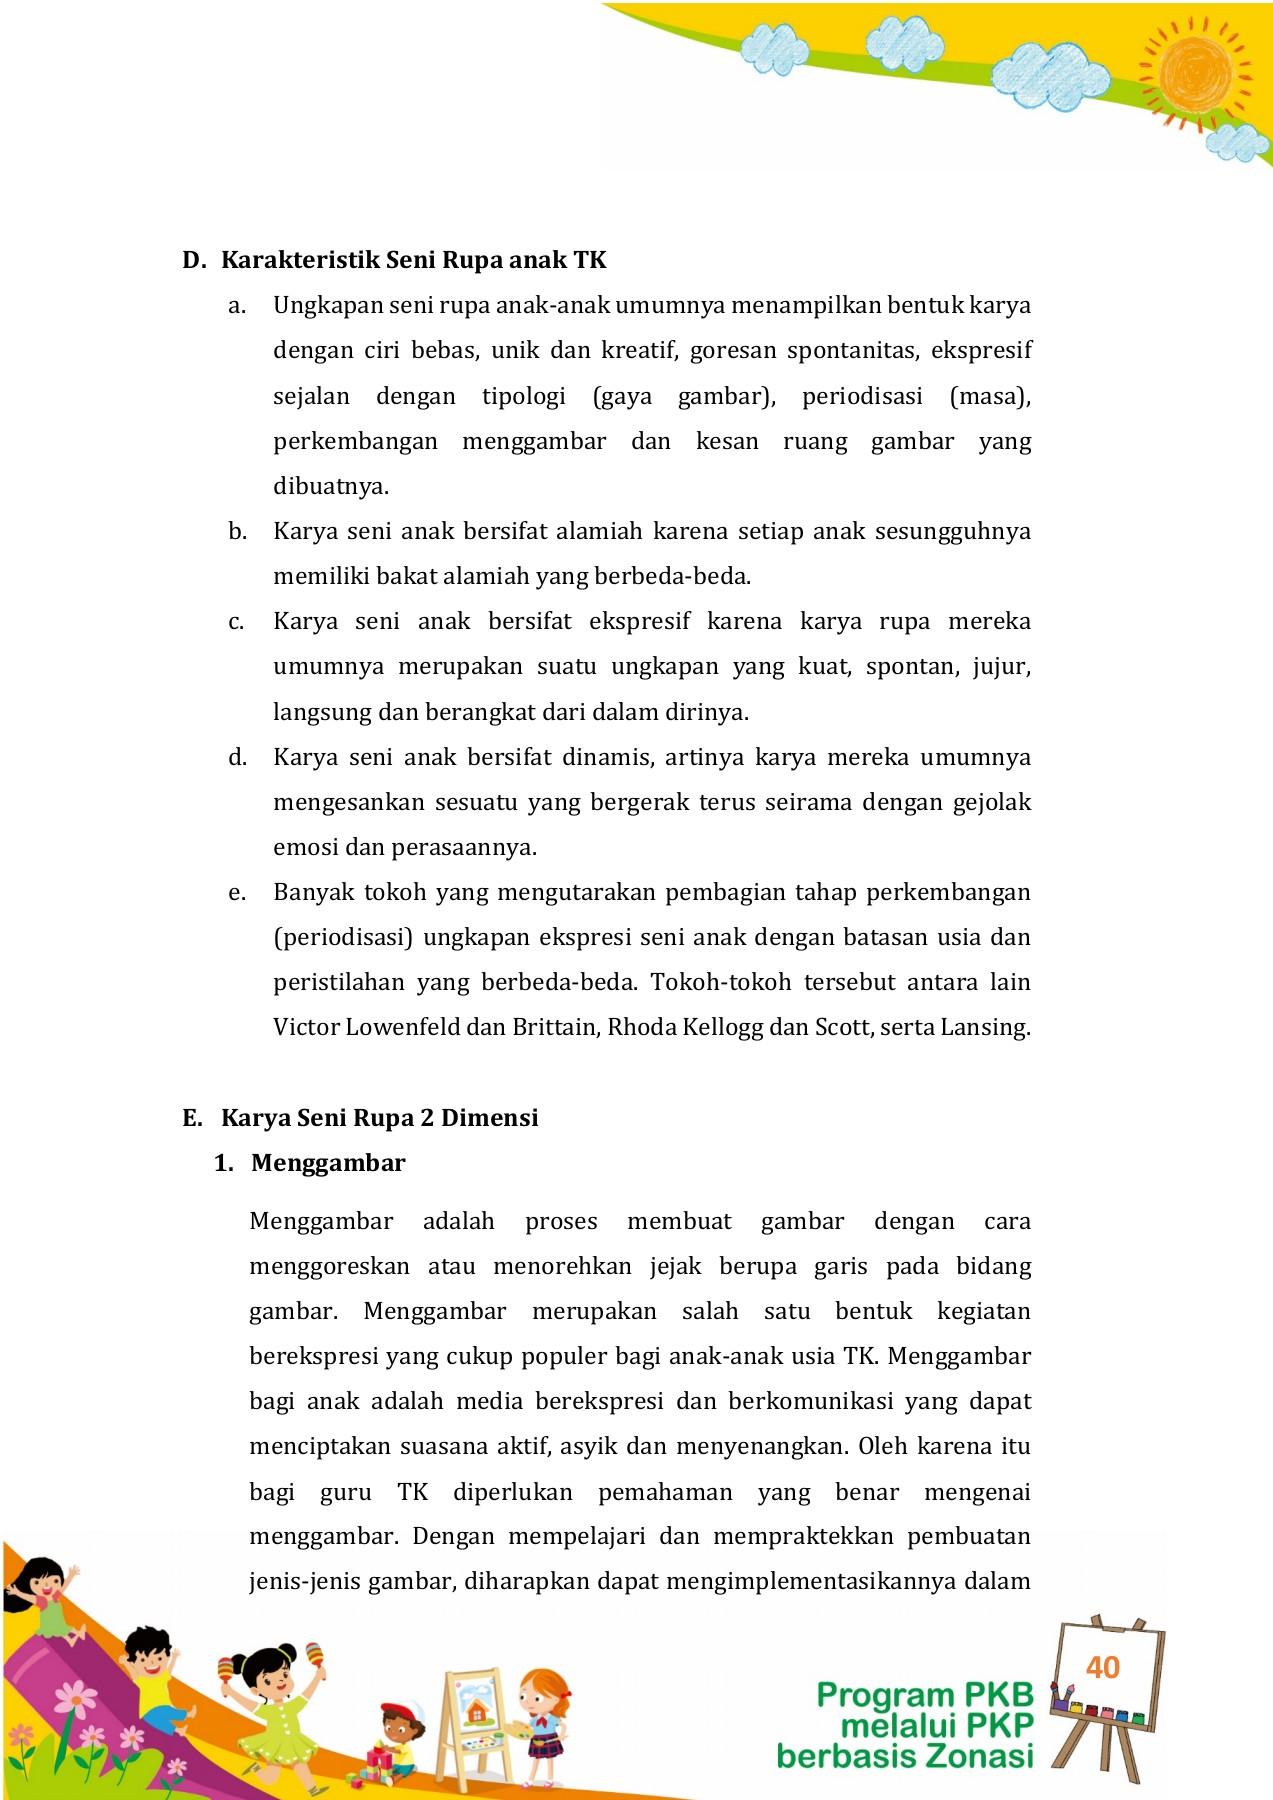 Unit Pembelajaran 15 Pengembangan Seni Flip Book Pages 51